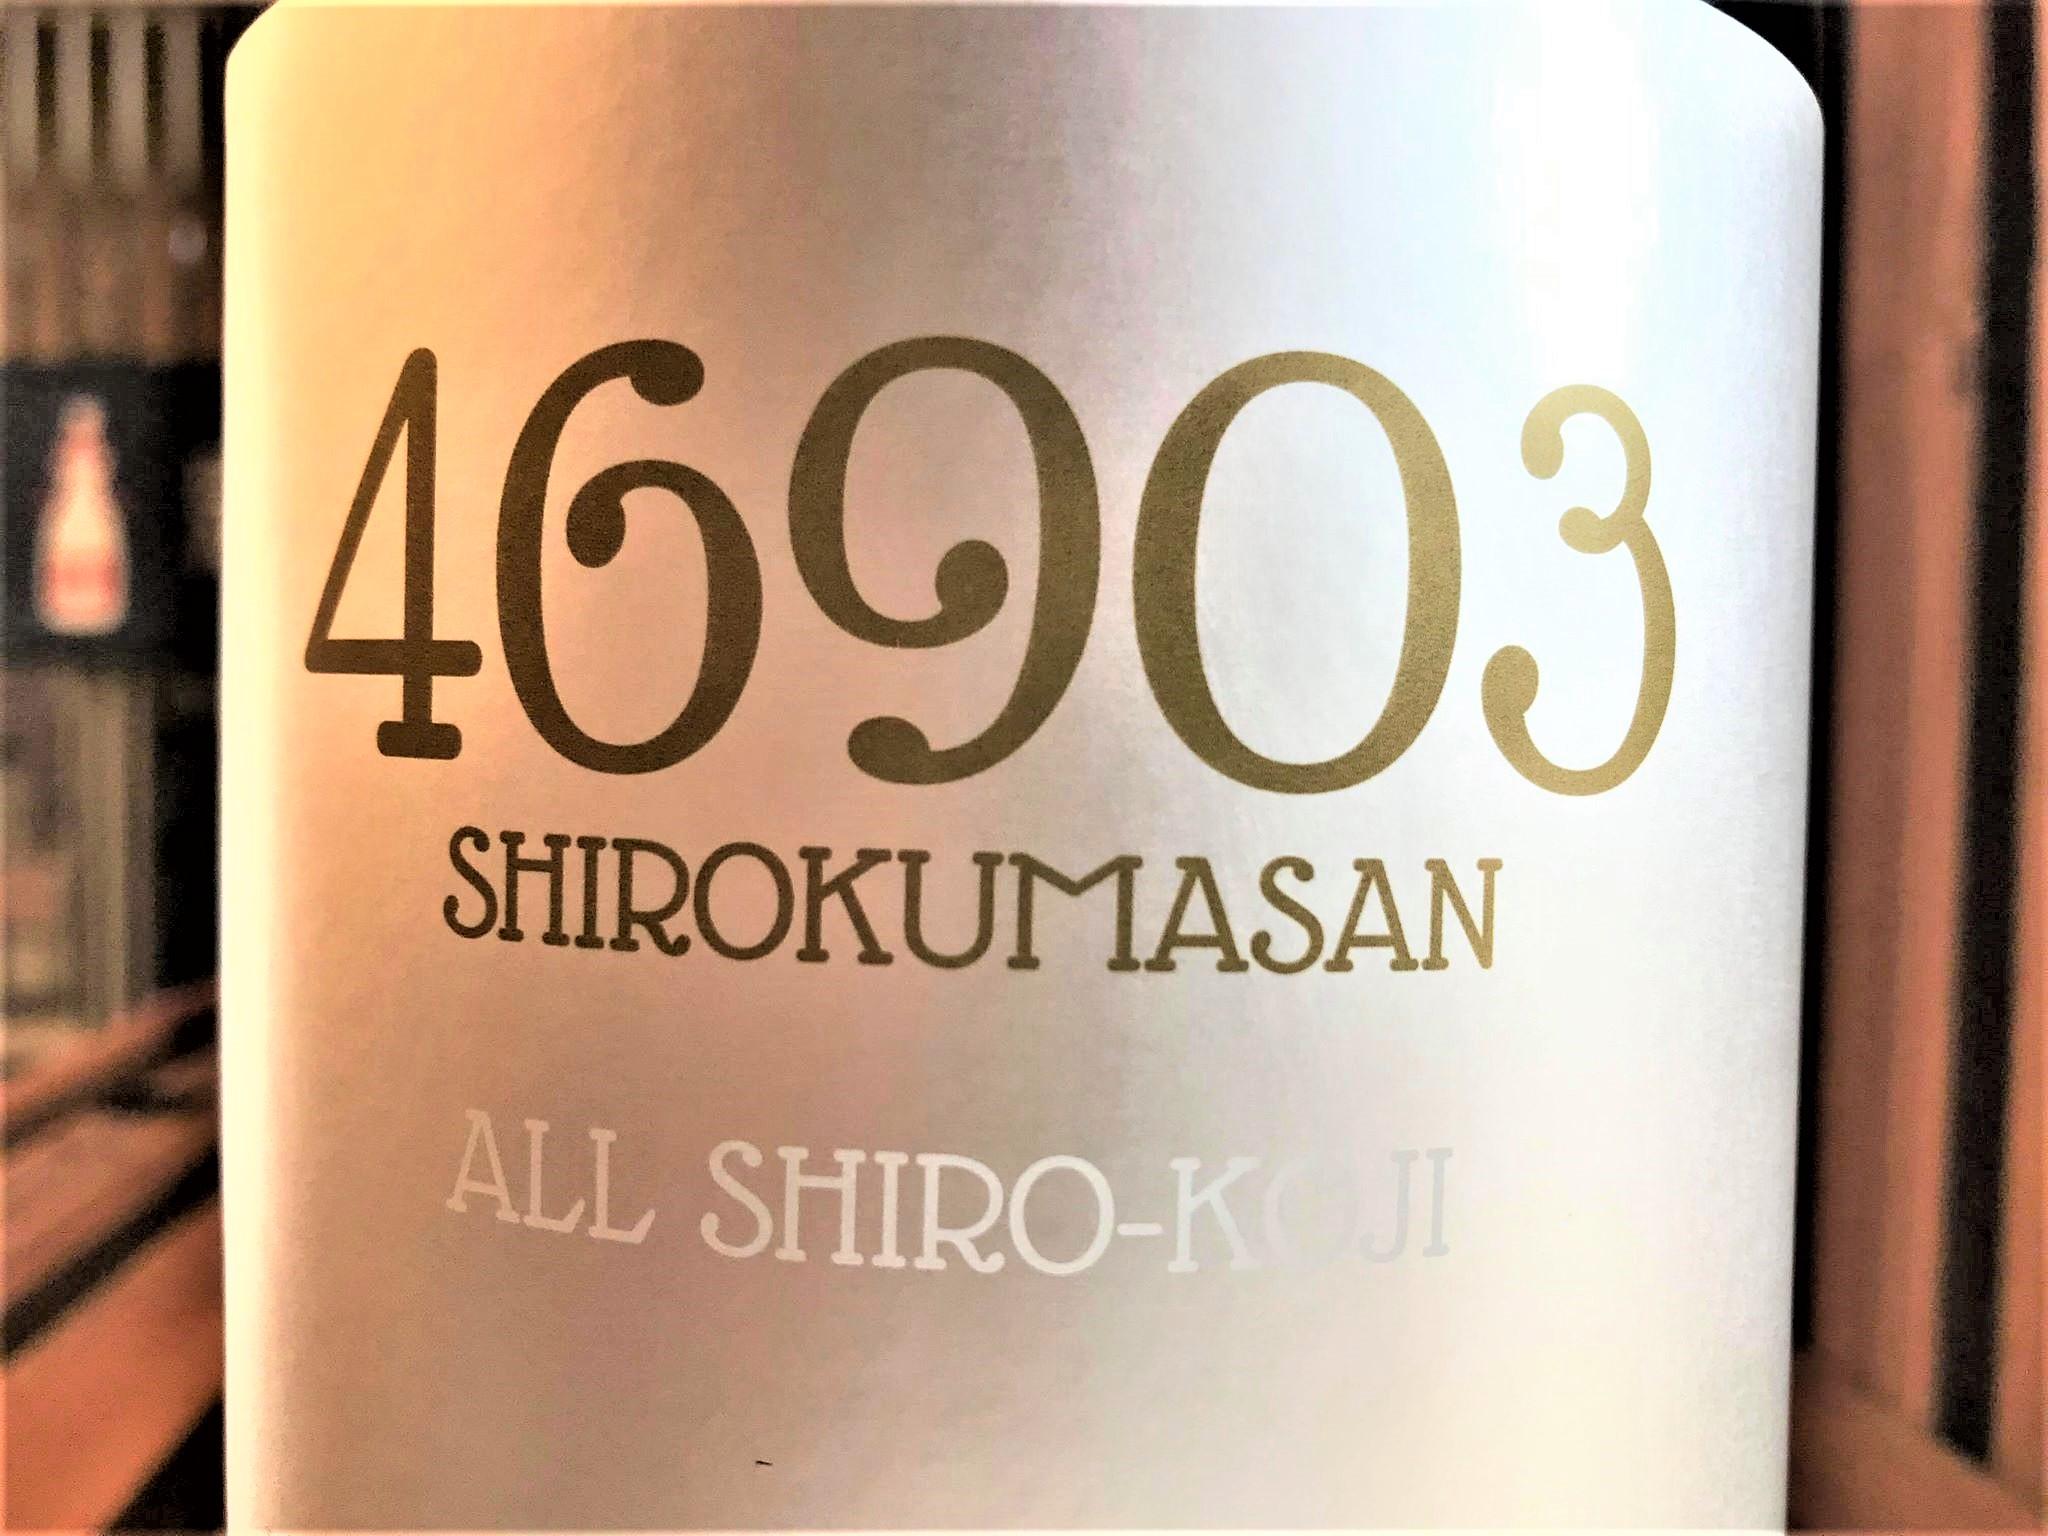 【日本酒】白木久 森のくまさん🐻 瓶囲い純米酒 46903 SHIROKUMASAN 限定 30BY🆕_e0173738_1184712.jpg